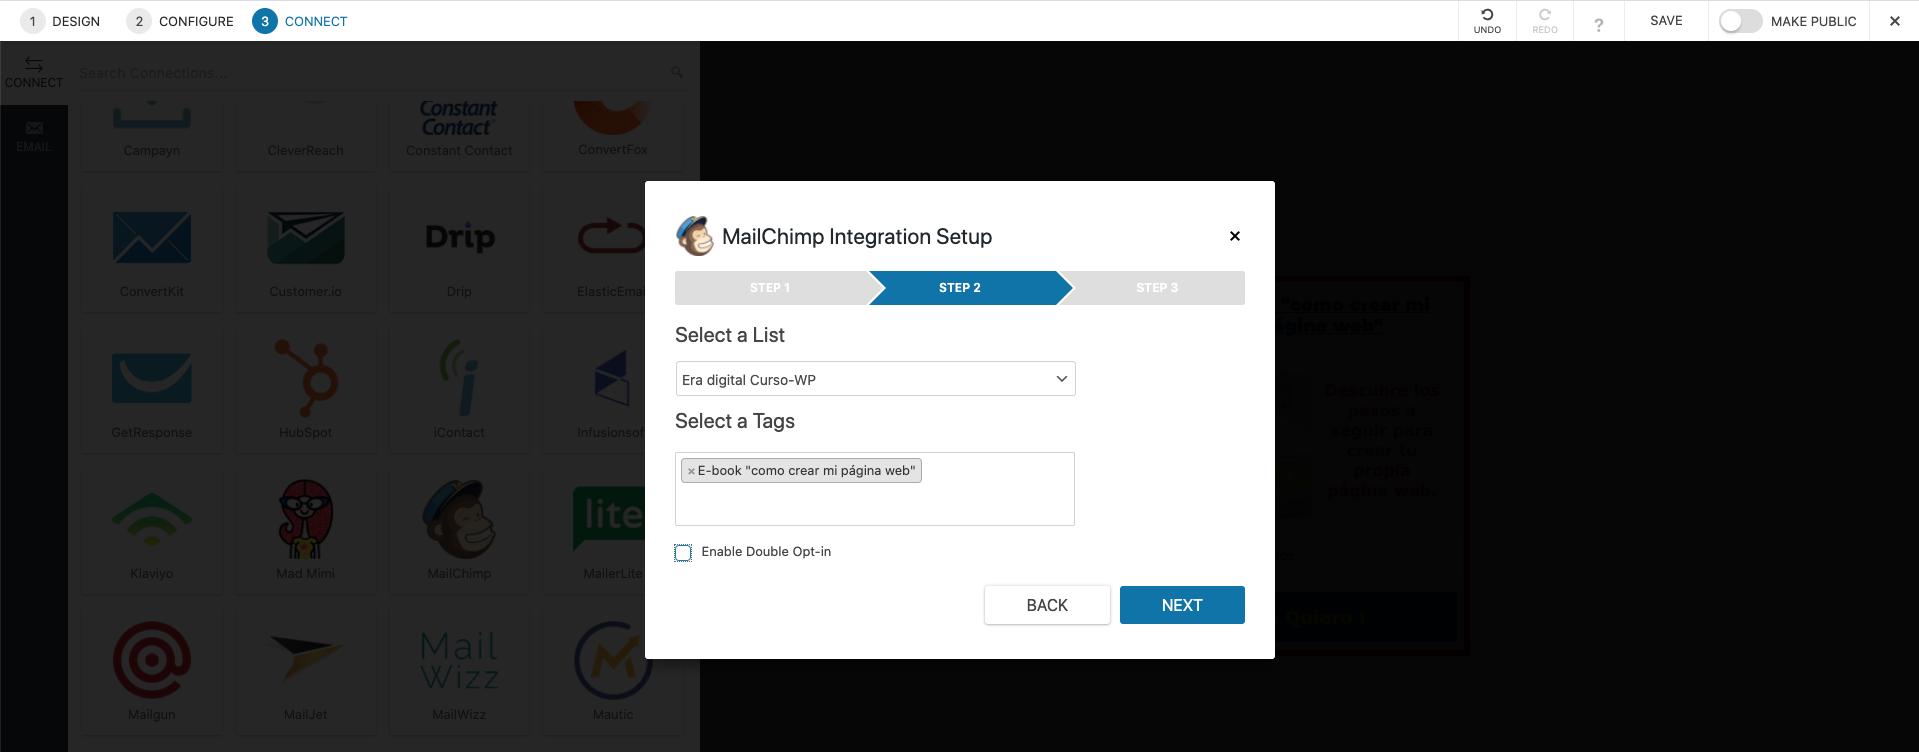 imagen de mailchimp integrando la API Key